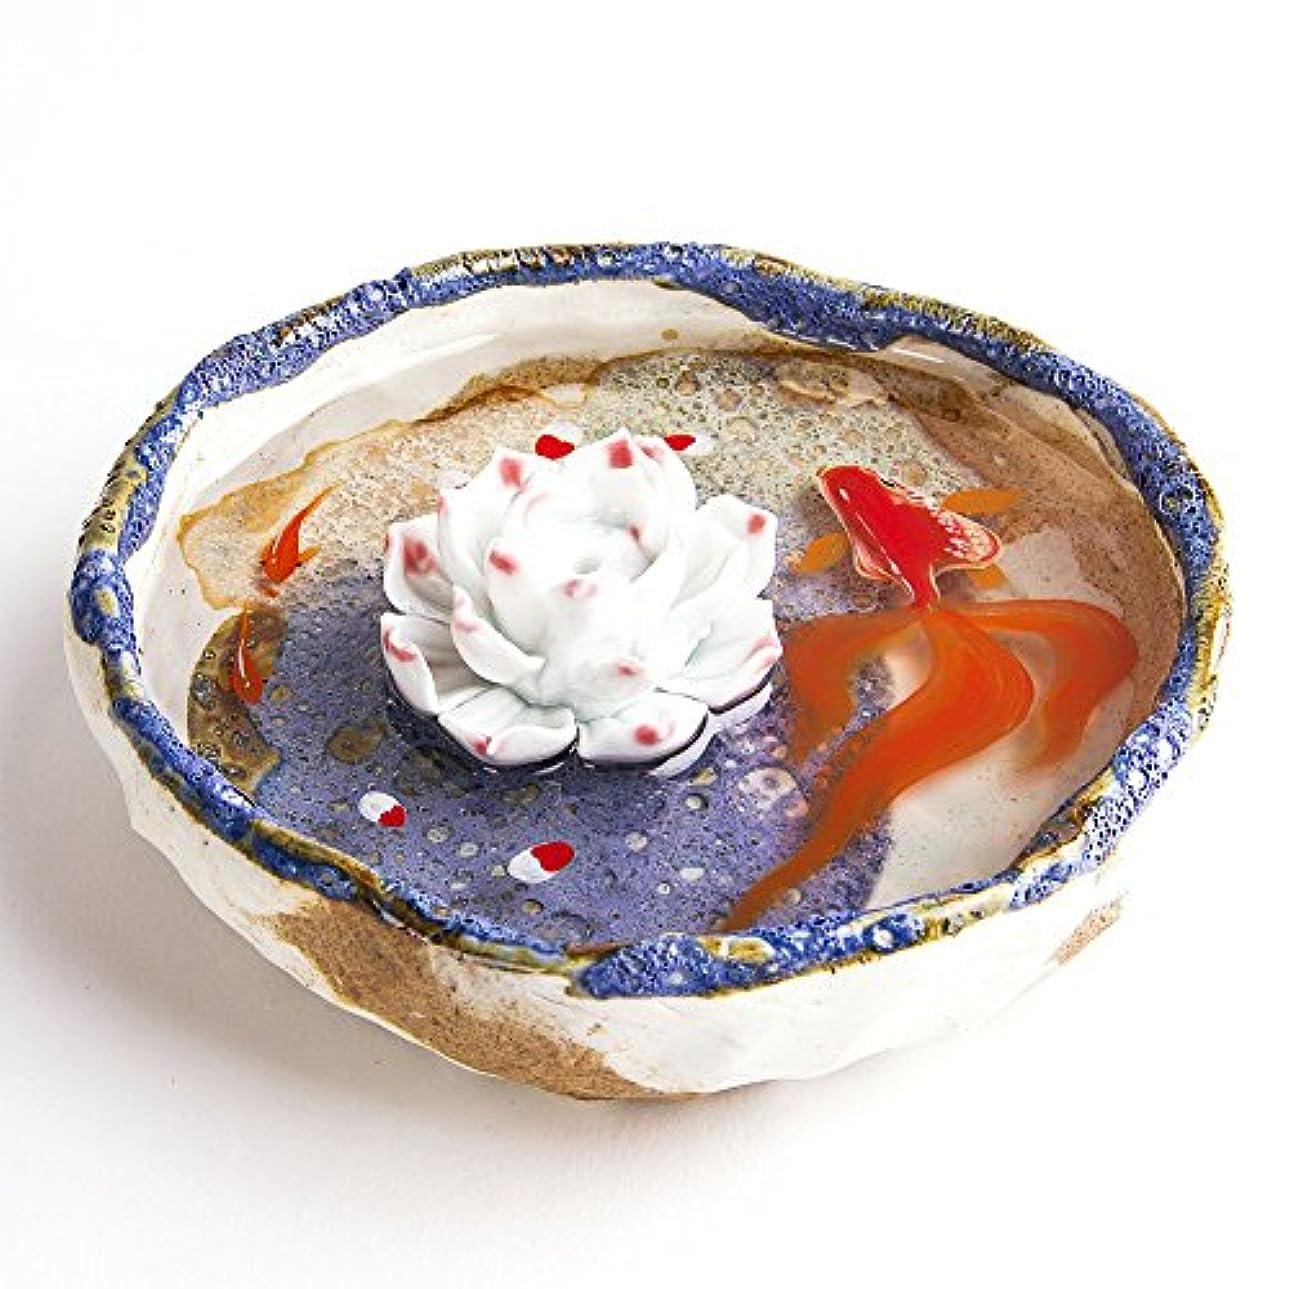 超音速ドメインつらいお香立て お香たて 香の器 お香を焚いて 香皿,陶磁器、ブルー